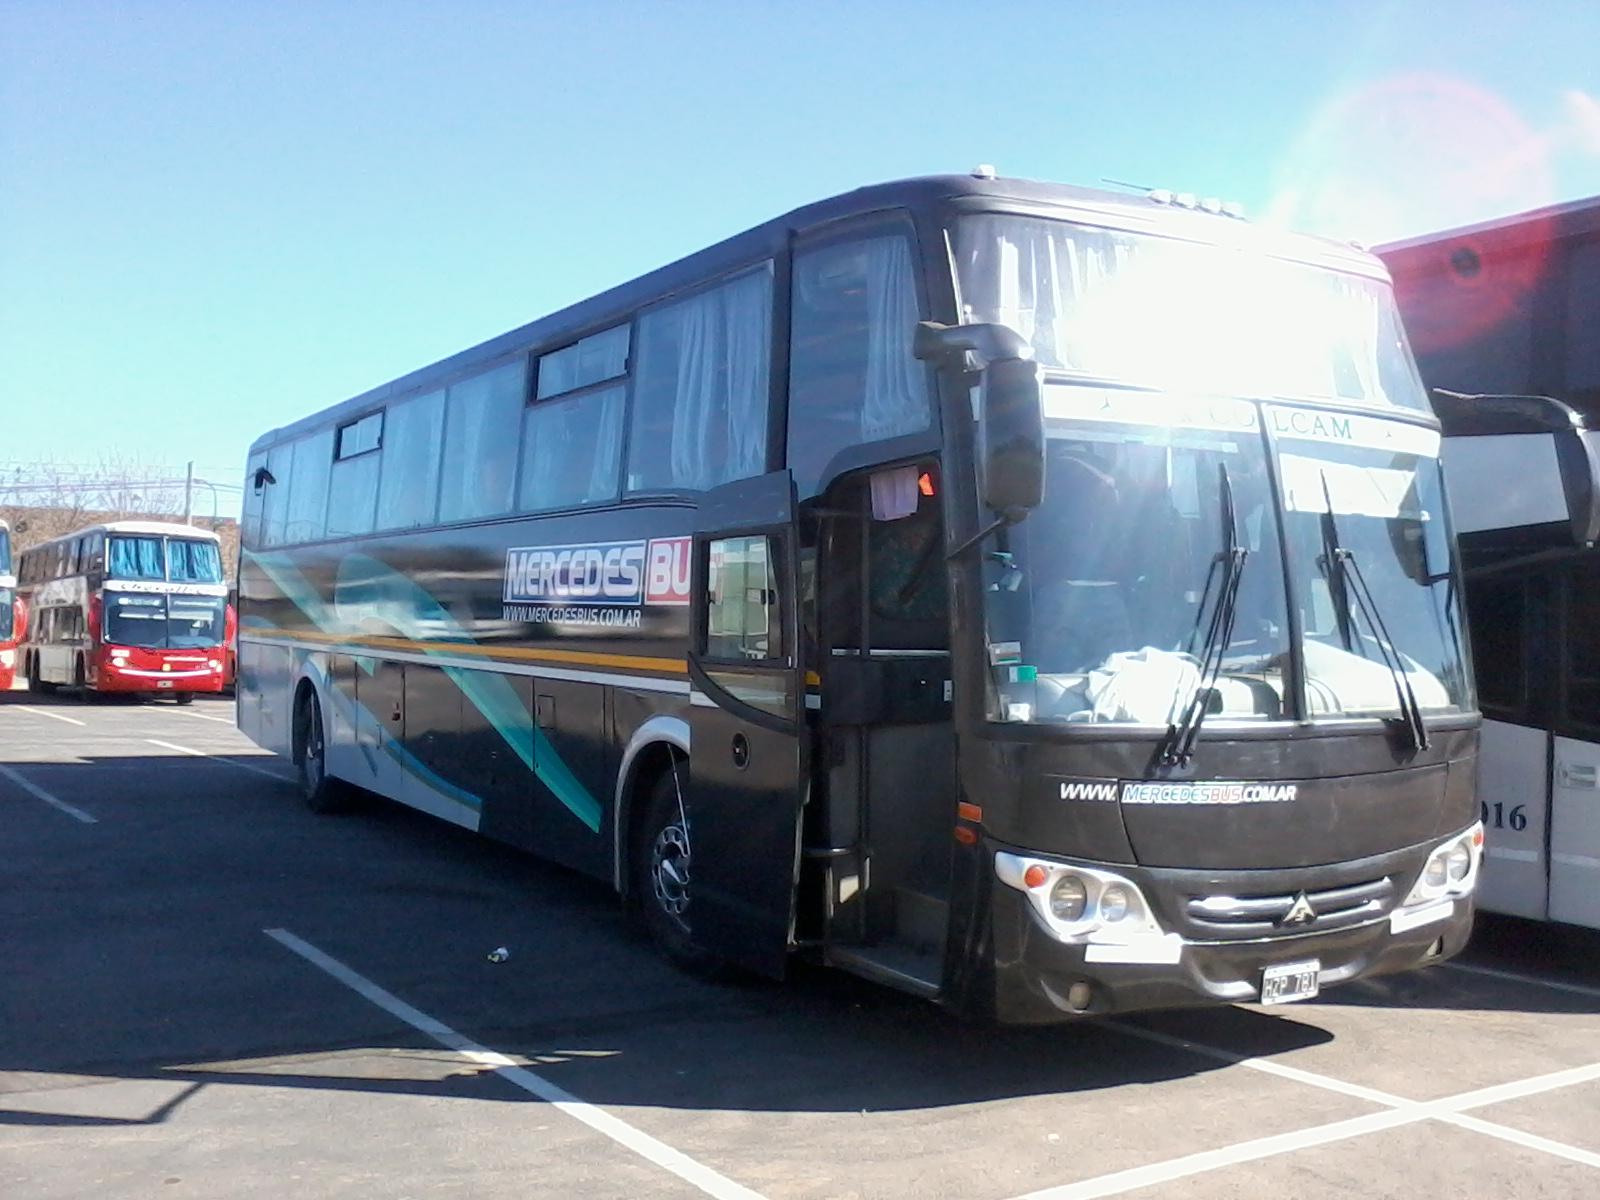 The bondis los buses de tu pa s mercedes bus for Mercedes benz charter bus